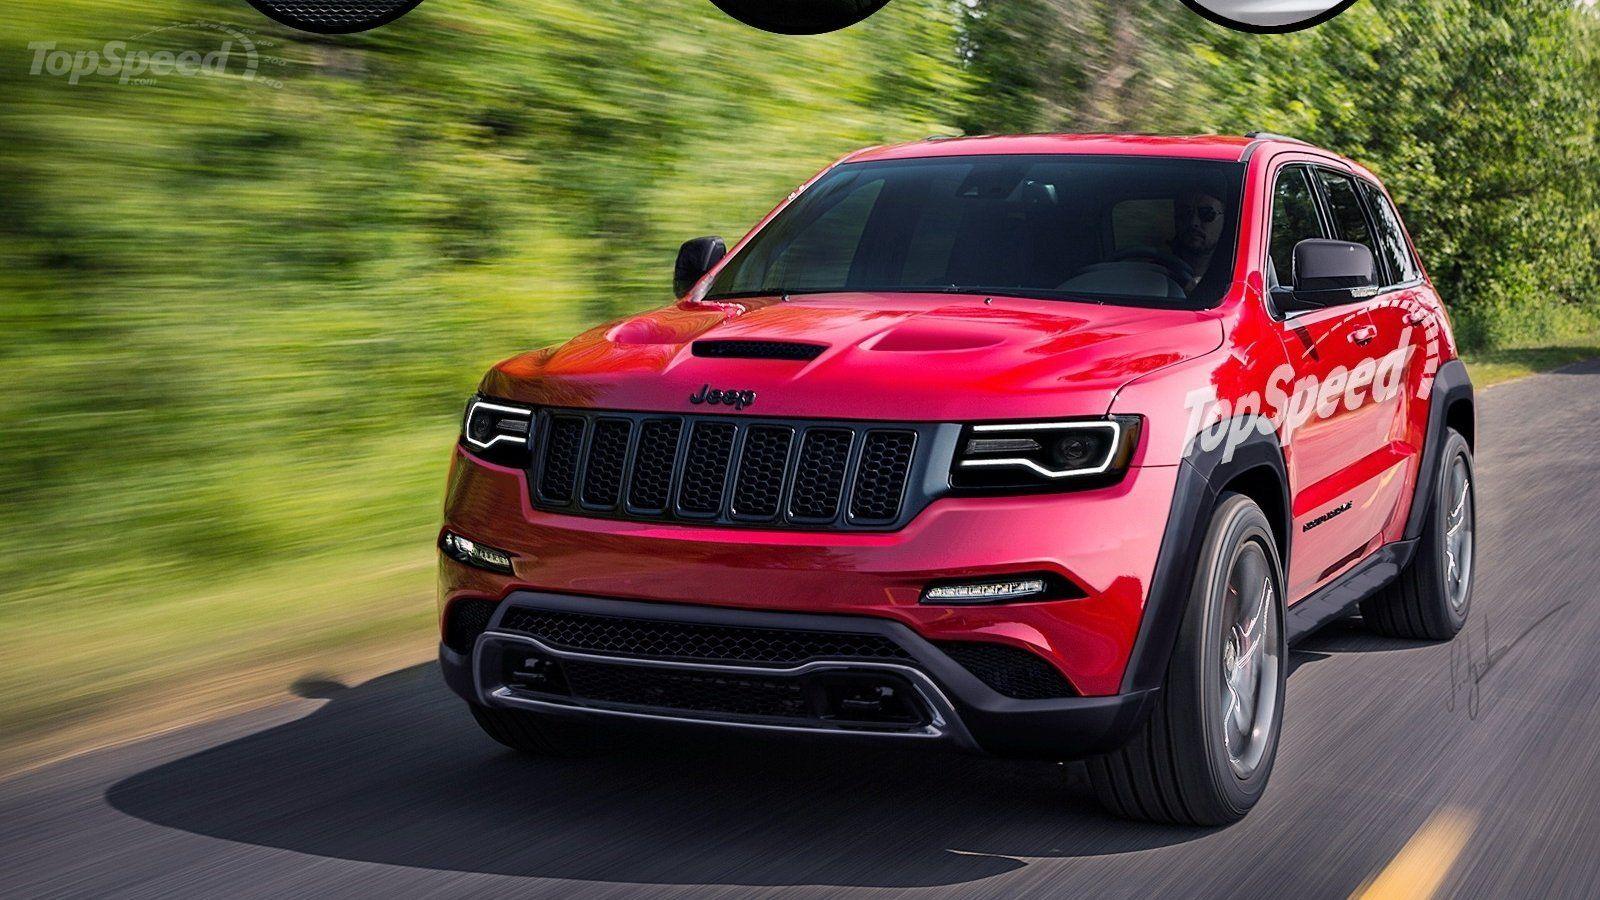 2016 Jeep Srt Hellcat Jeep Grand Cherokee Jeep Grand Cherokee Srt Jeep